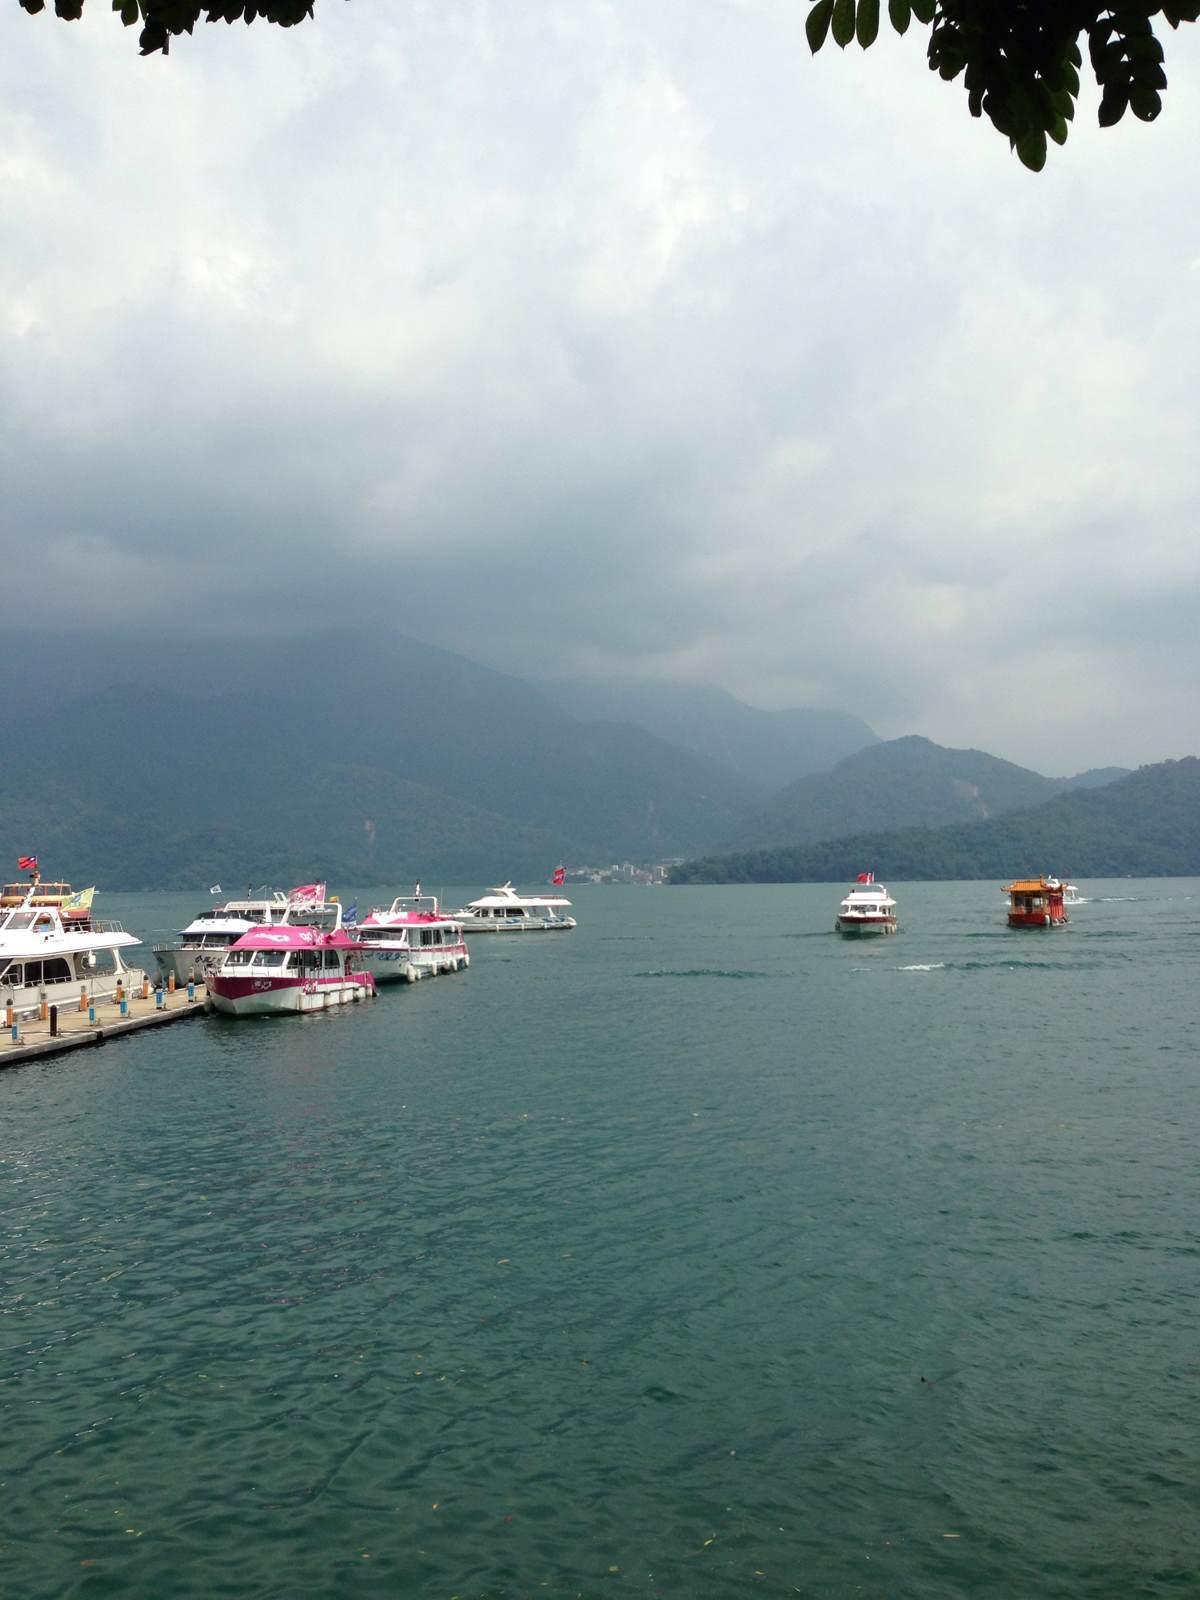 台湾日月潭……课本中小学中学小学习过,水是碧绿的,史家还不错景色印象划片图片